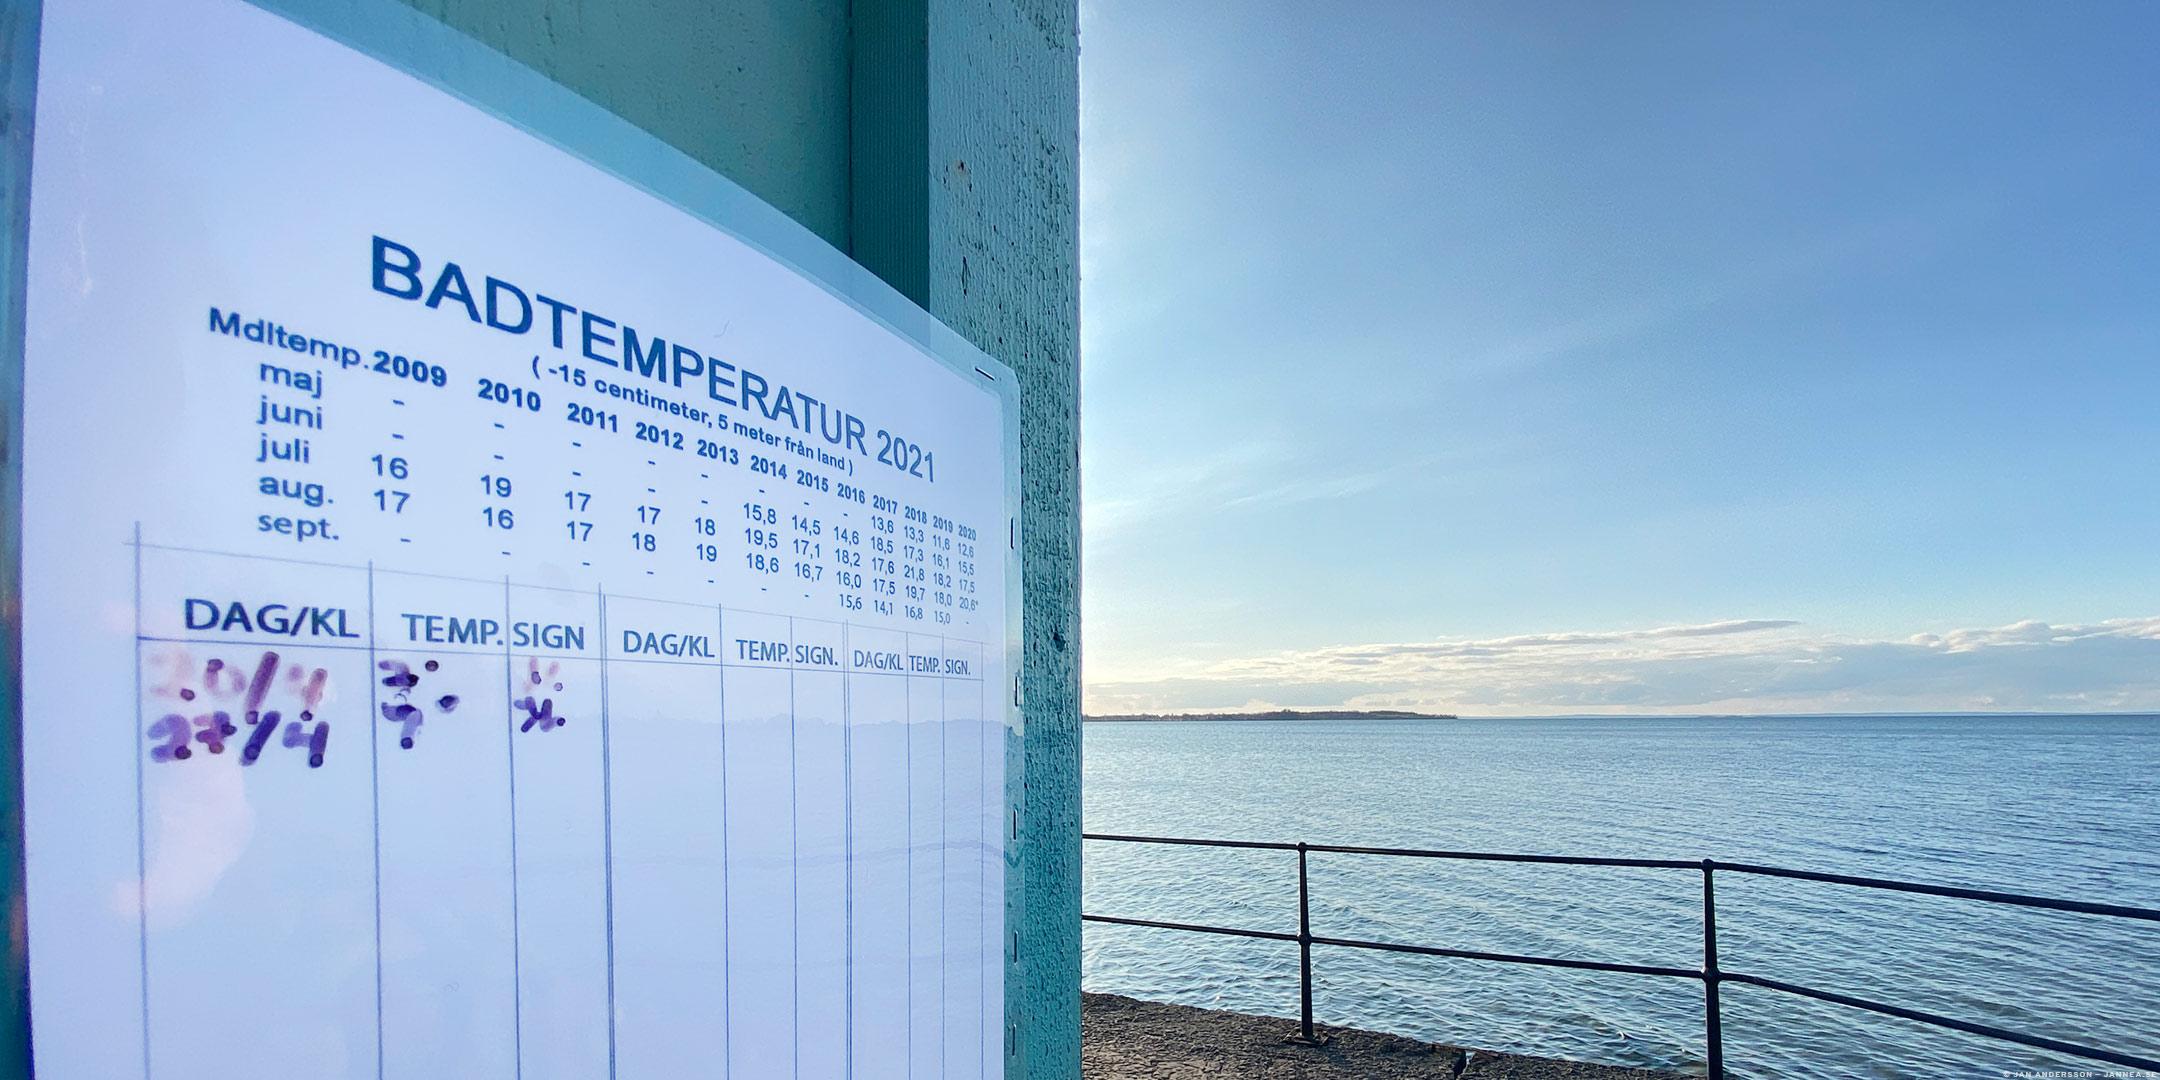 7° C är ungefär 20 för få